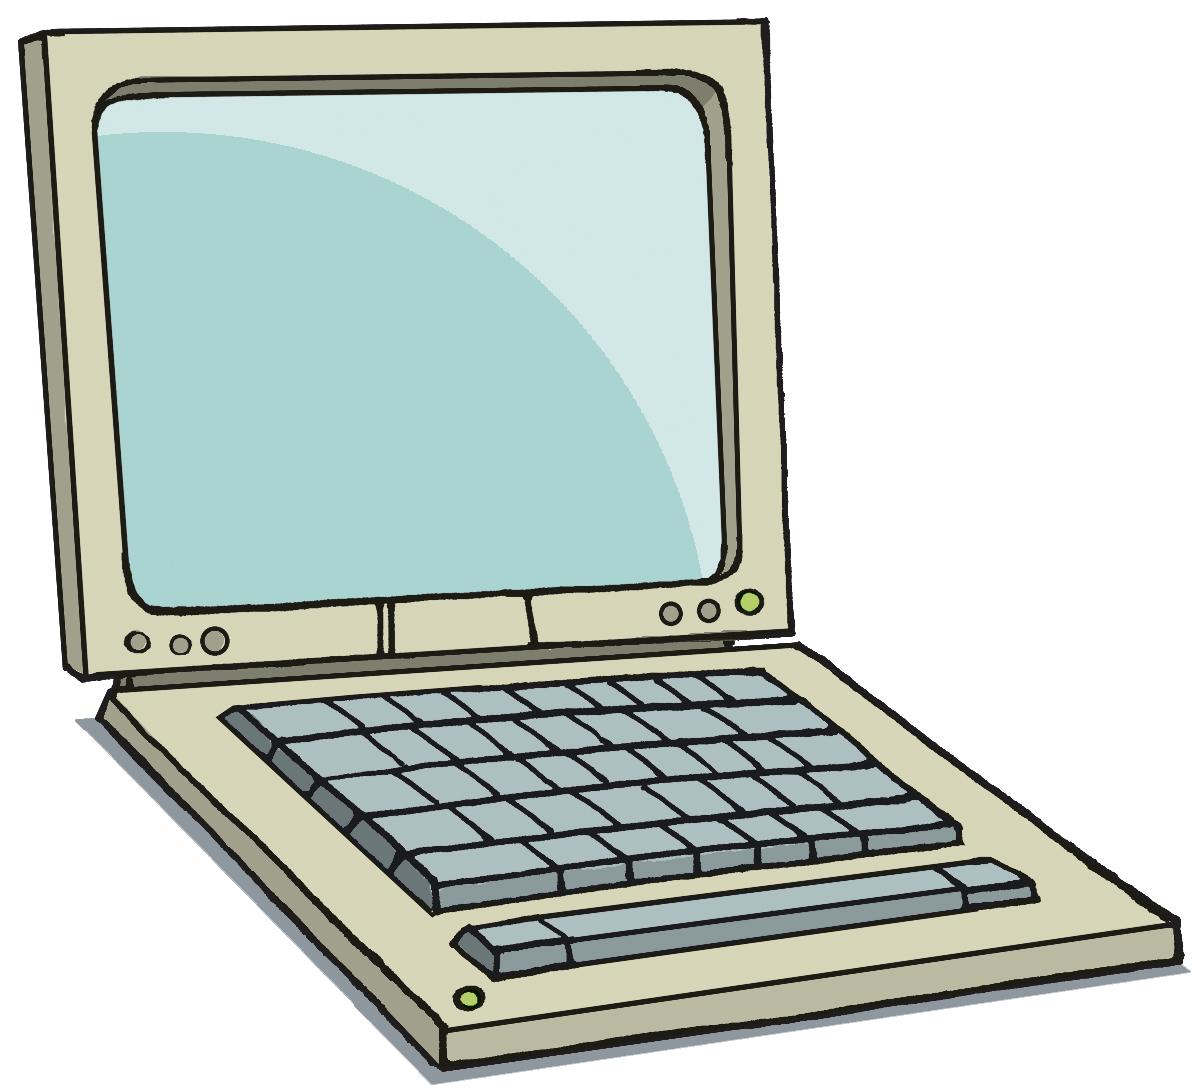 Technology clipart laptop Free Images Clip Art Laptop